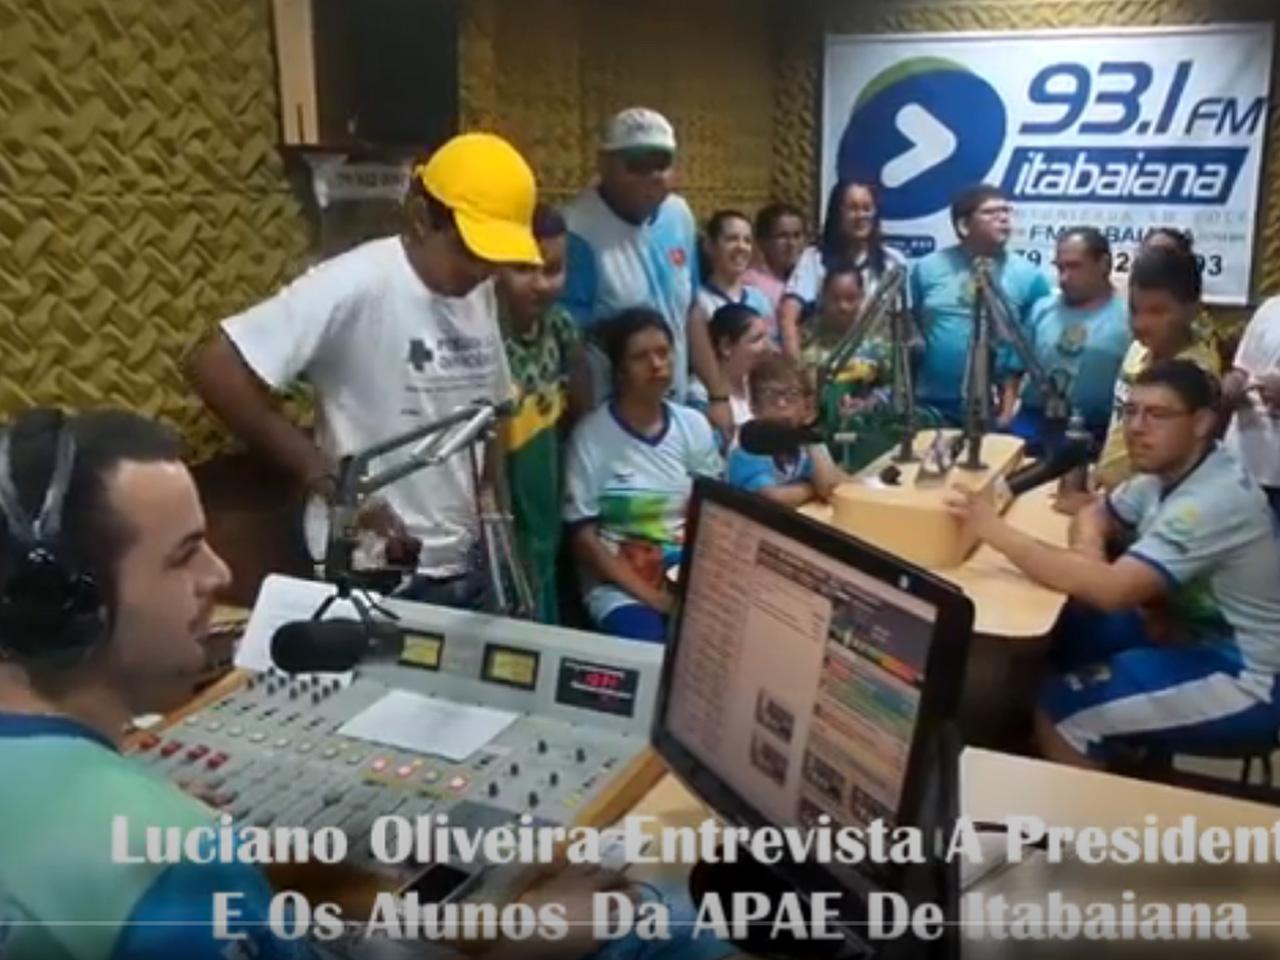 Luciano Oliveira entrevista  a Presidente e Alunos da APAE Itabaiana